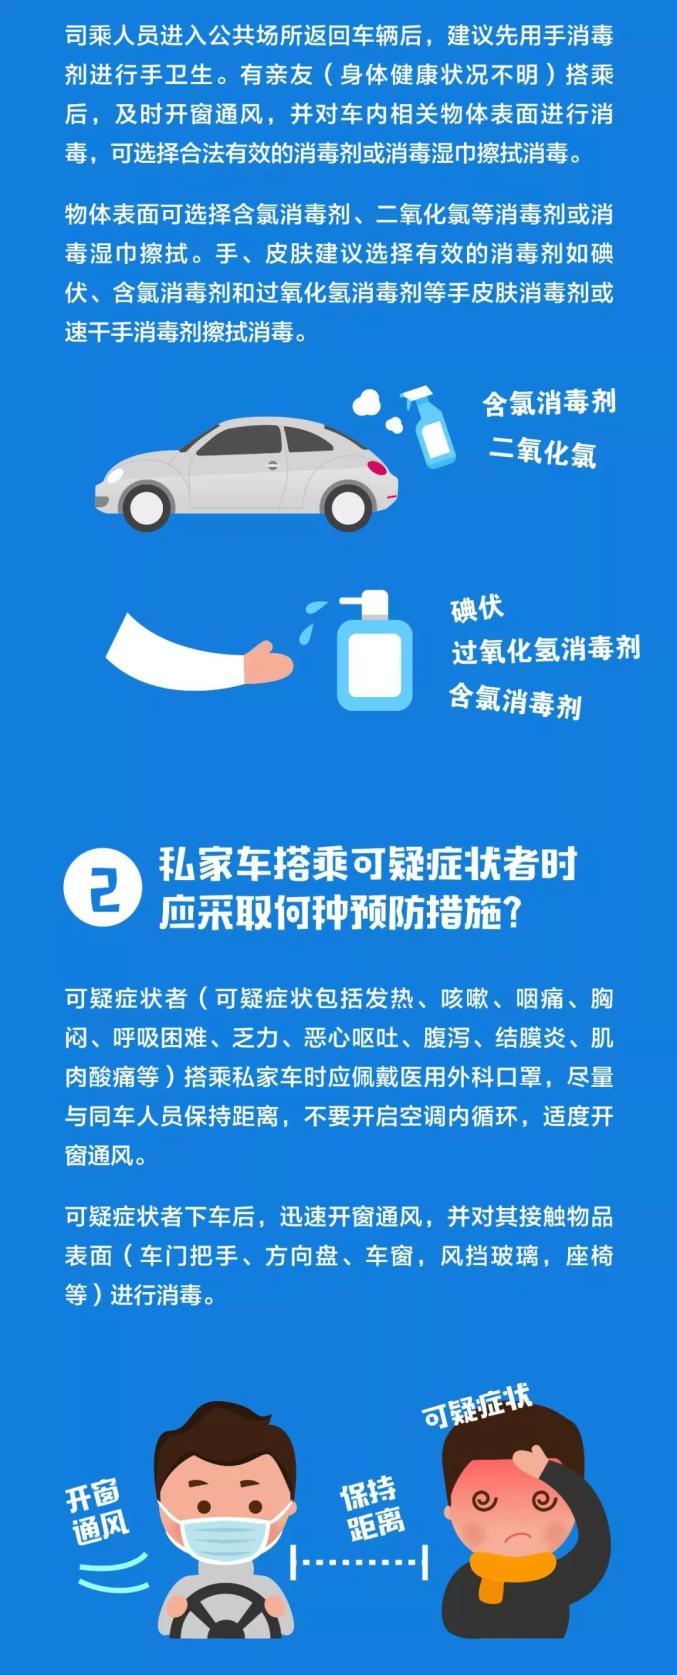 【疫情防控】私家车预防